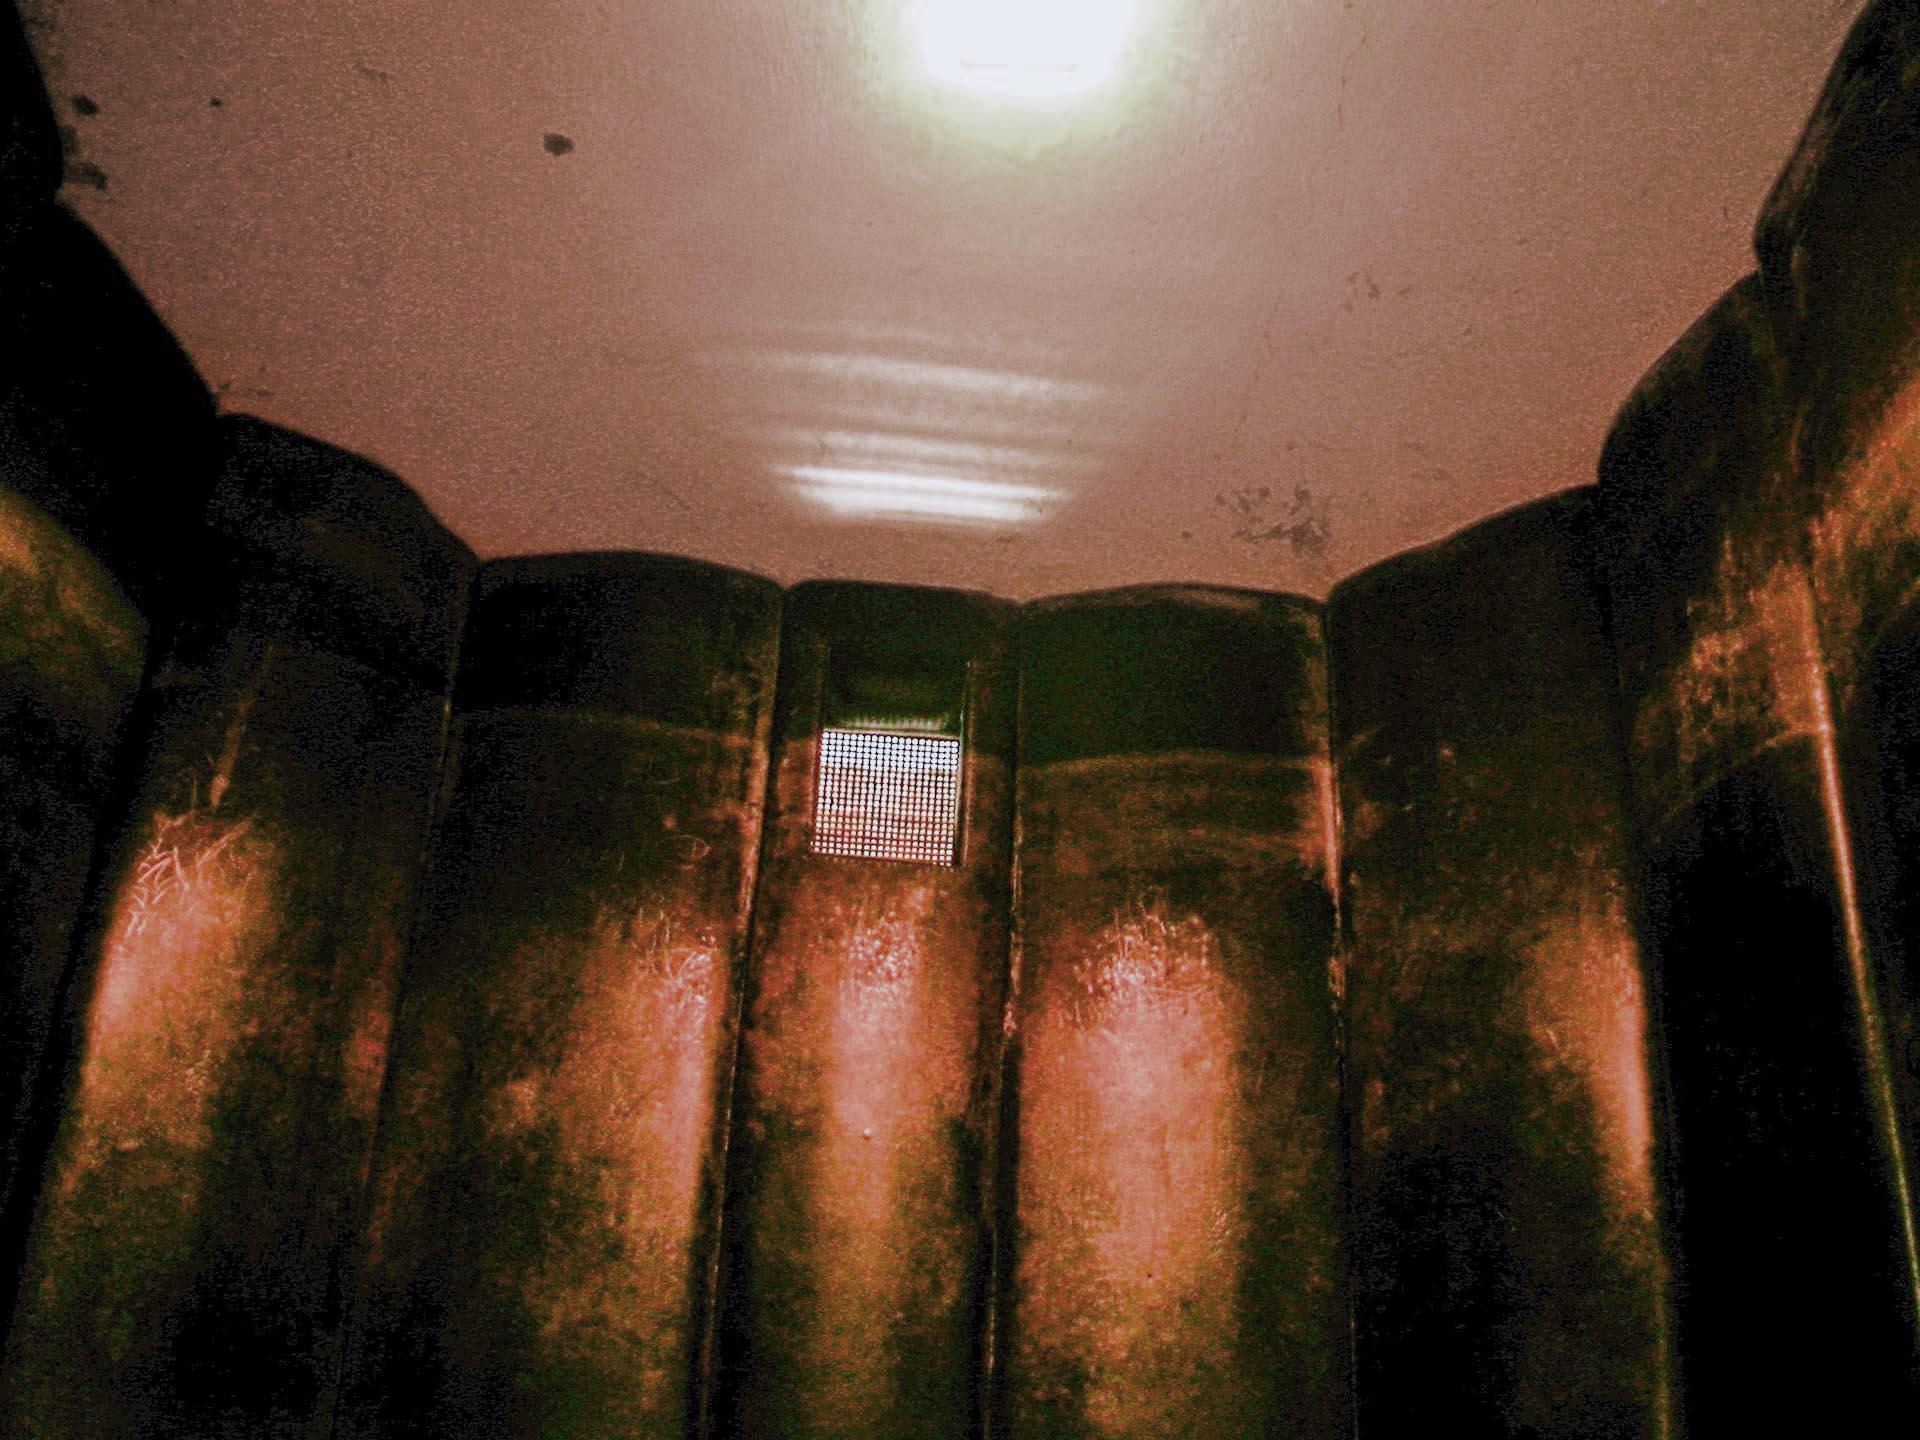 In der Gummizelle wurden die Inhaftierten oft über Tage eingesperrt. Sie wussten nie wirklich, ob es Tag oder Nacht ist, da es in dieser Zelle sehr dunkel war.